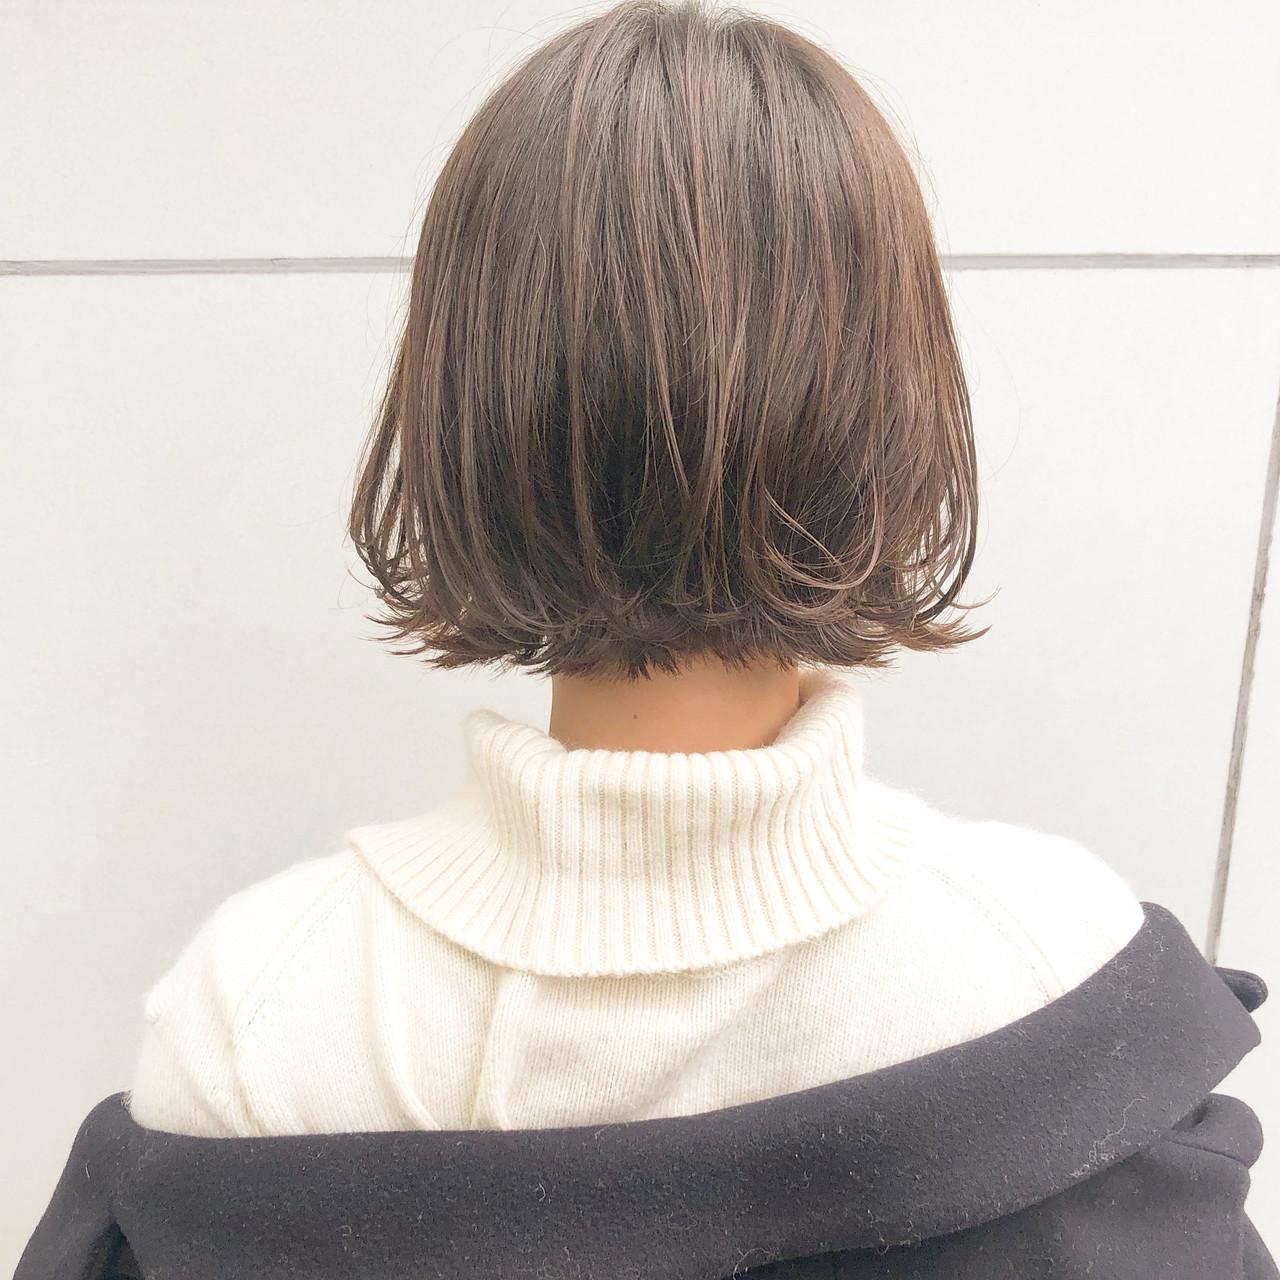 オフィス デート ボブ 簡単ヘアアレンジ ヘアスタイルや髪型の写真・画像 | 『ボブ美容師』永田邦彦 表参道 / send by HAIR